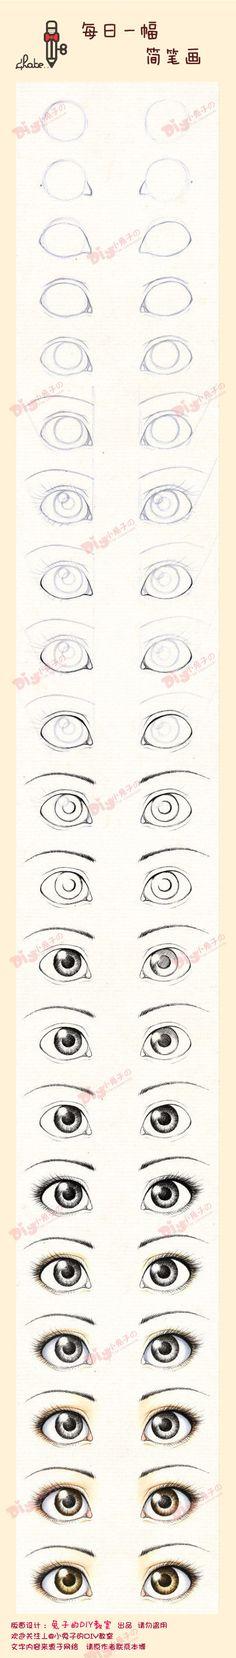 ojos manga